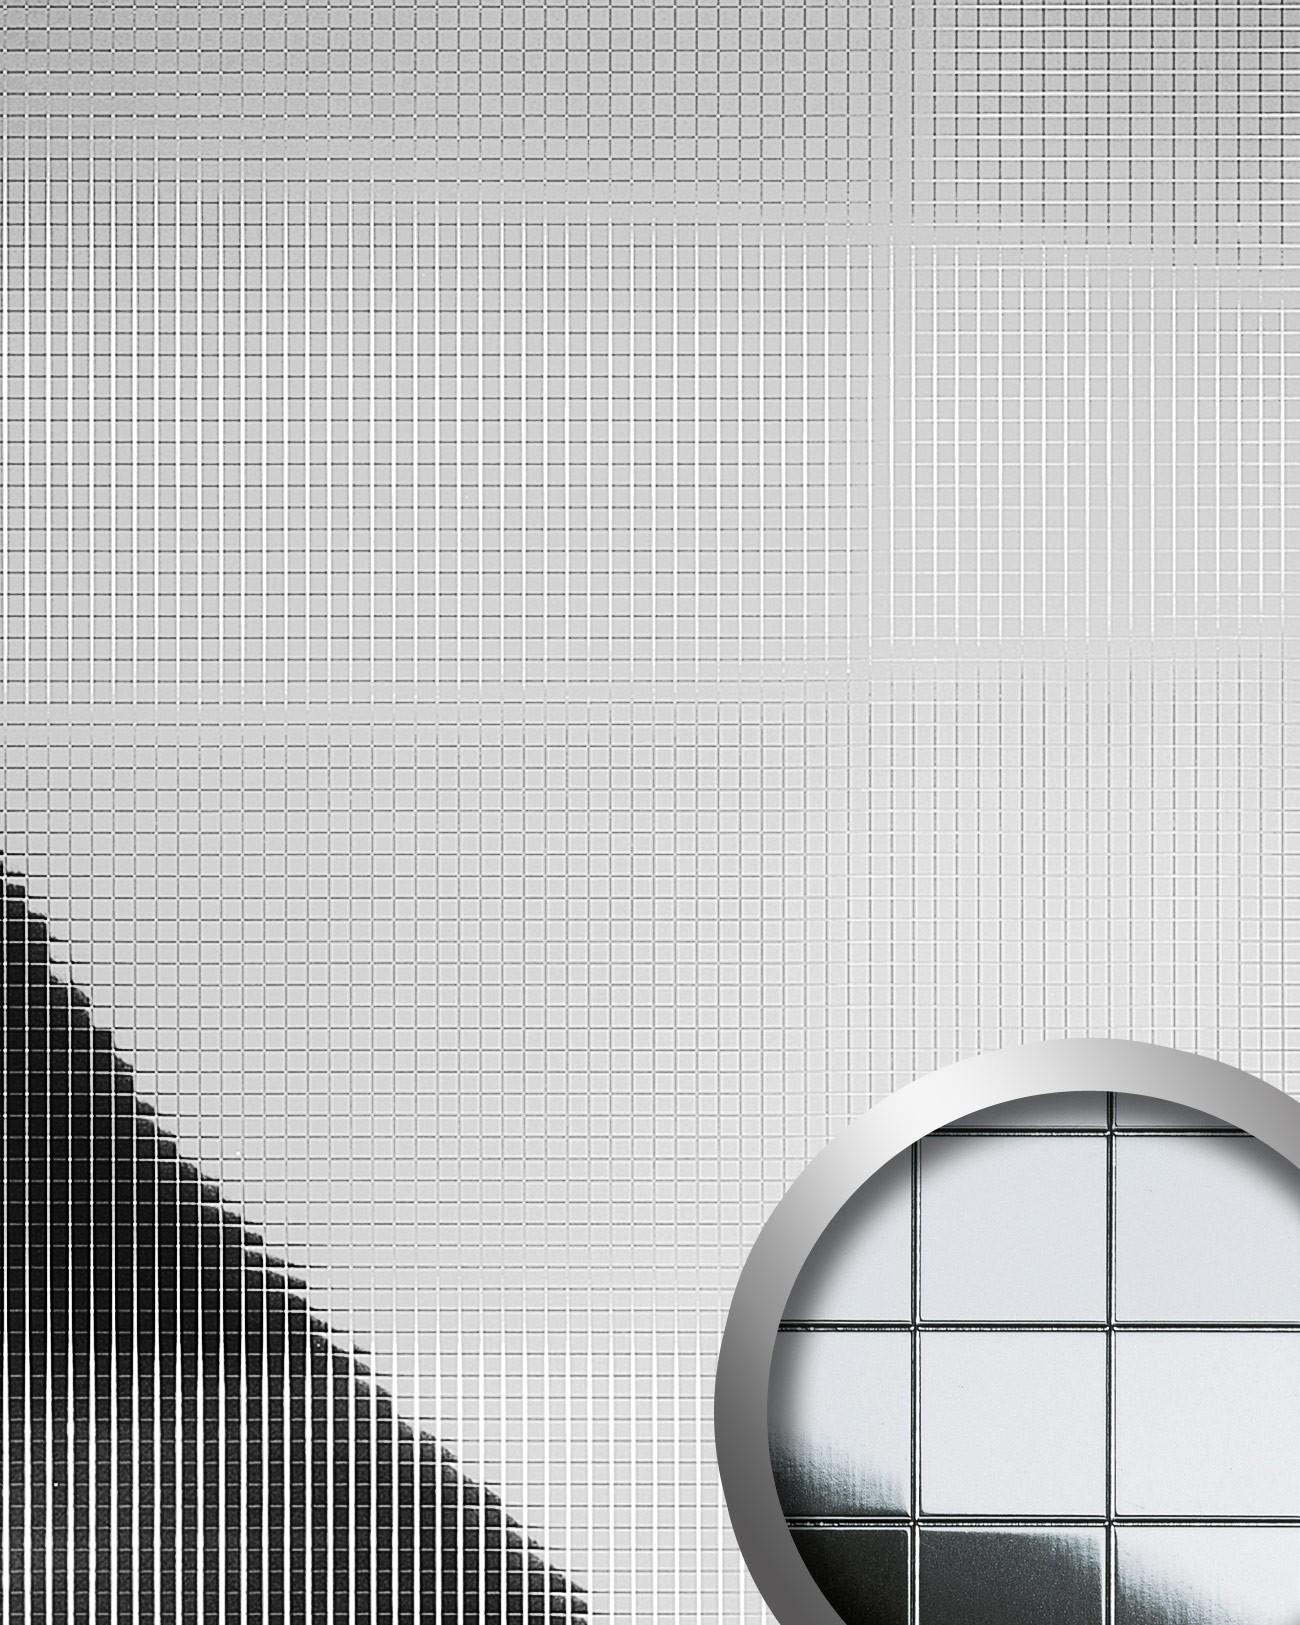 spiegel fliesen selbstklebend ihr zuschnitt f r chrom. Black Bedroom Furniture Sets. Home Design Ideas